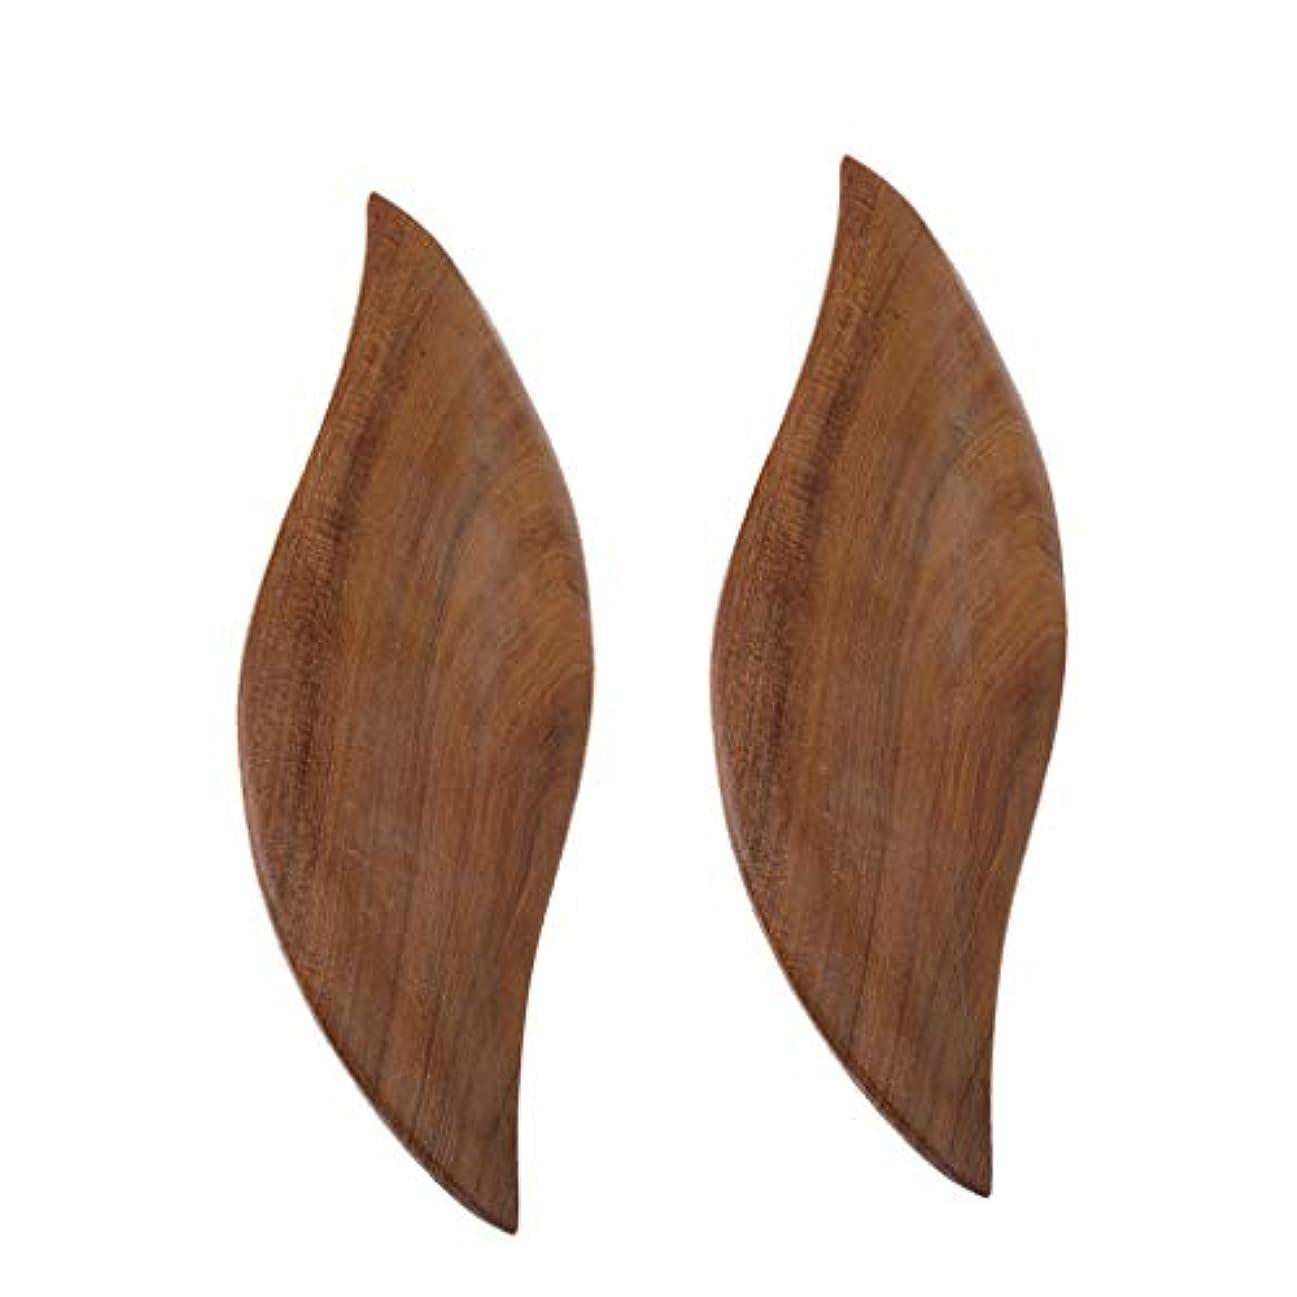 航海炎上ストッキング2枚 かっさプレート 木製 ボード ボディーケア 葉の形 便利